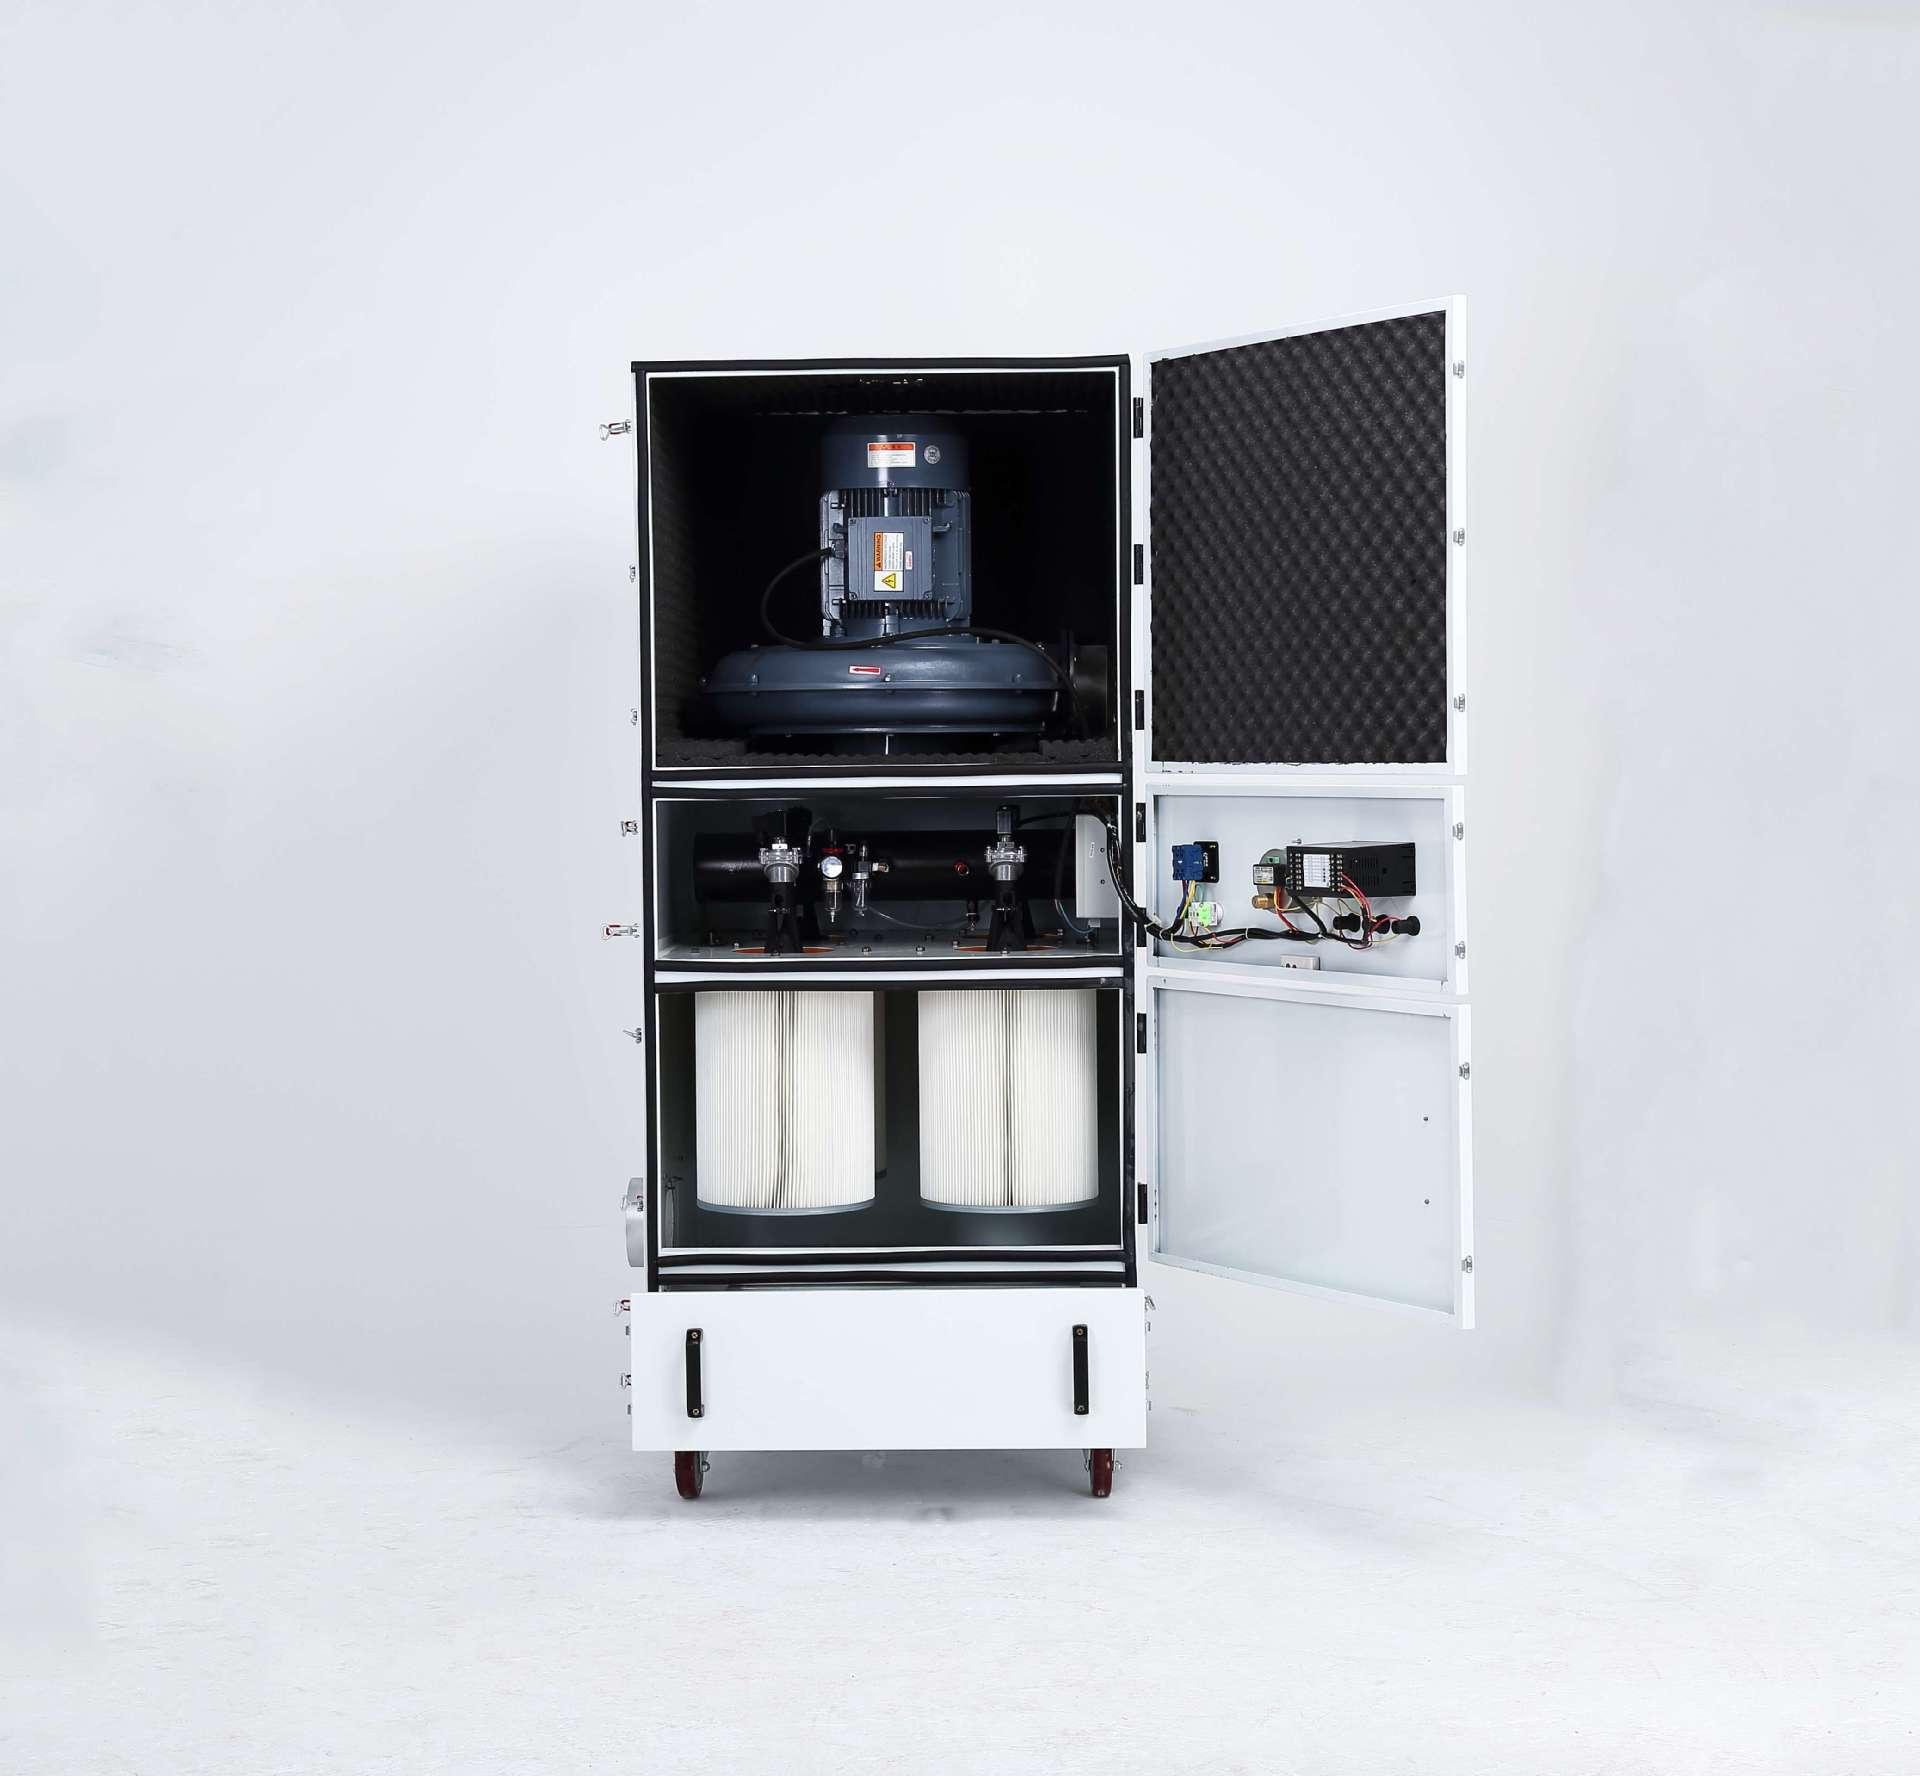 脉冲吸尘器 移动柜式磨床脉冲吸尘器生产厂家示例图4